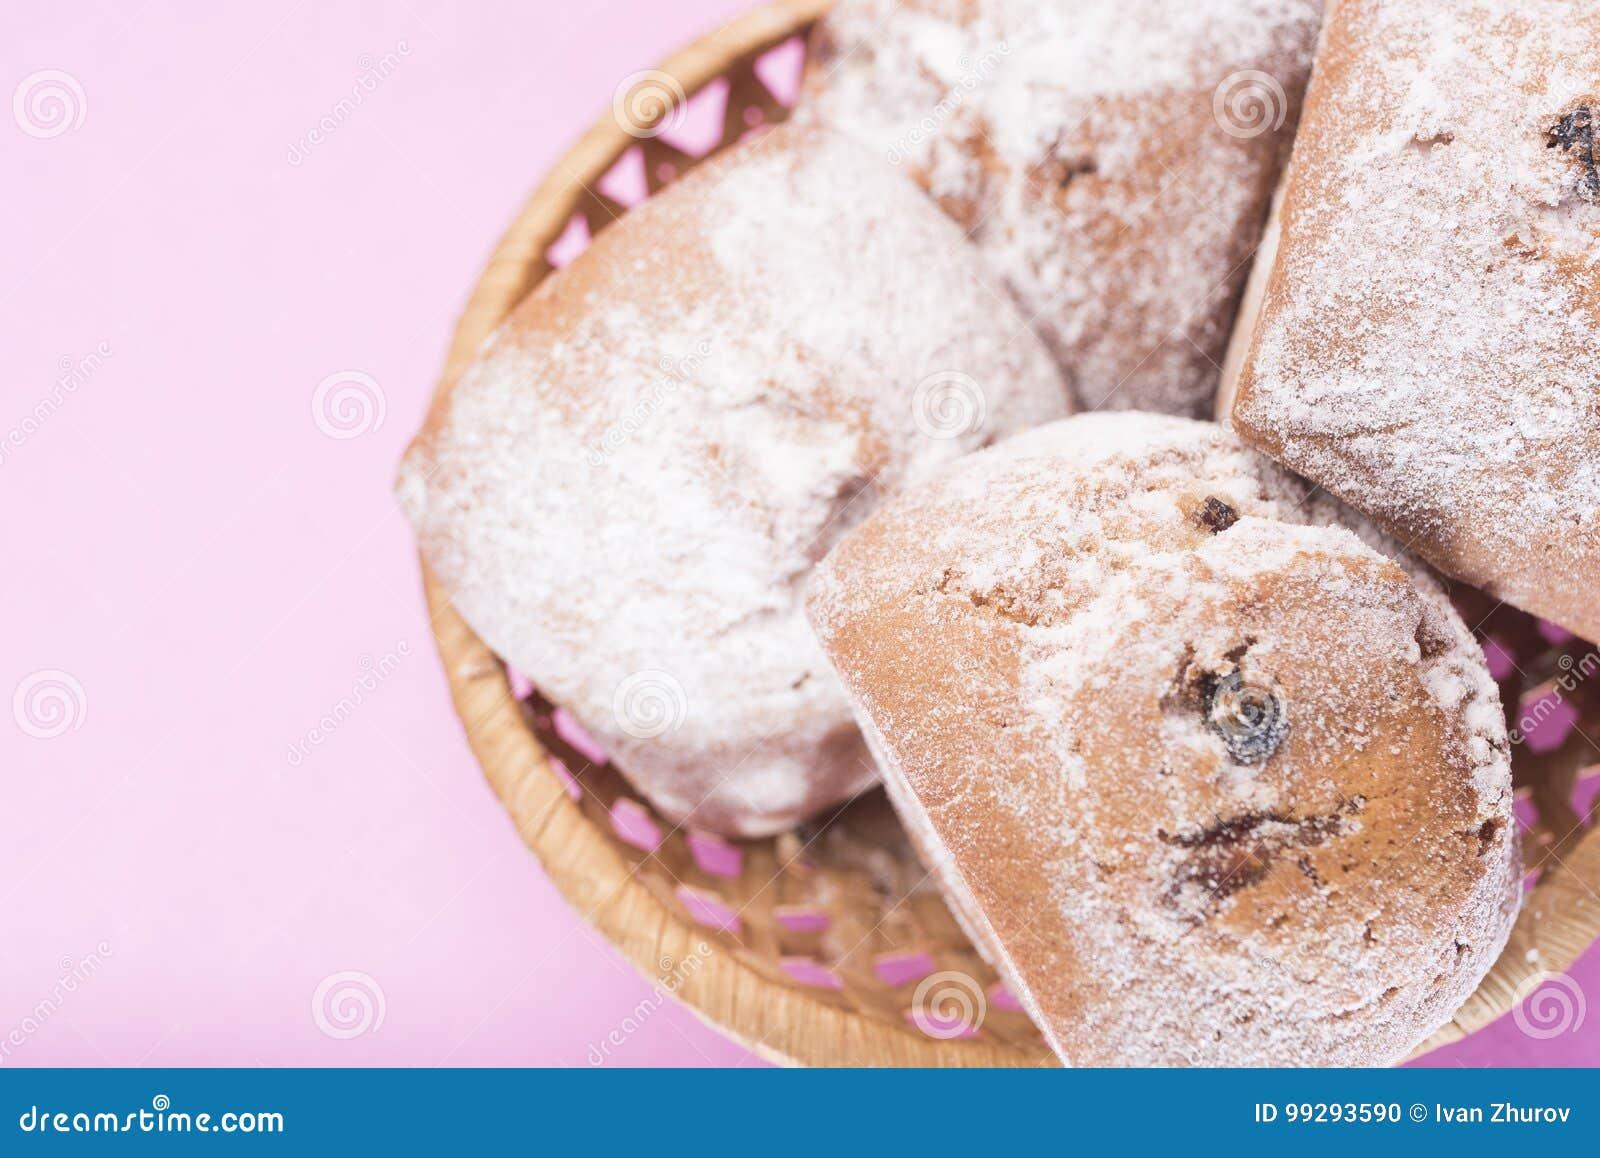 自创松饼用葡萄干和搽粉的糖在一个柳条筐在浅粉红色的背景